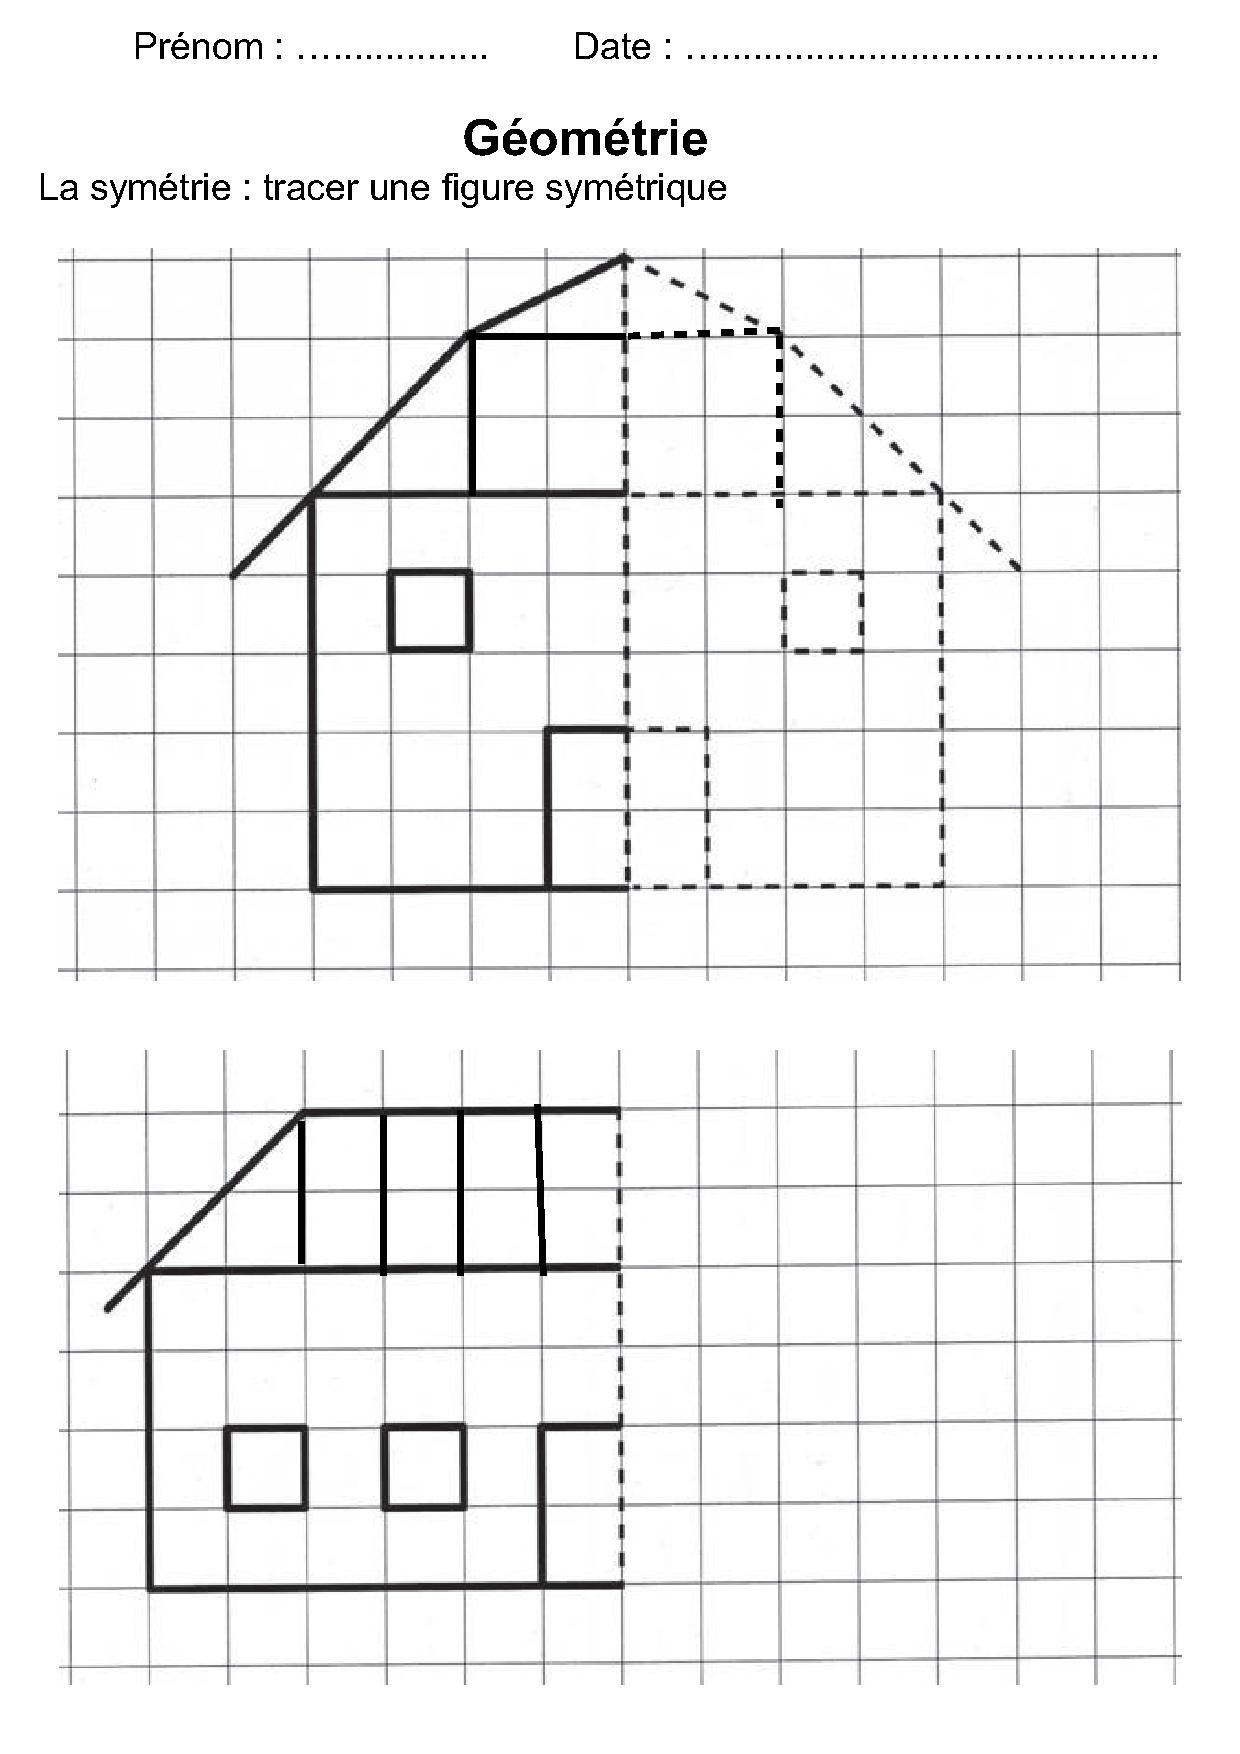 Géométrie Ce1,ce2,la Symétrie,reproduire Une Figure (Avec encequiconcerne Figures Géométriques Ce1